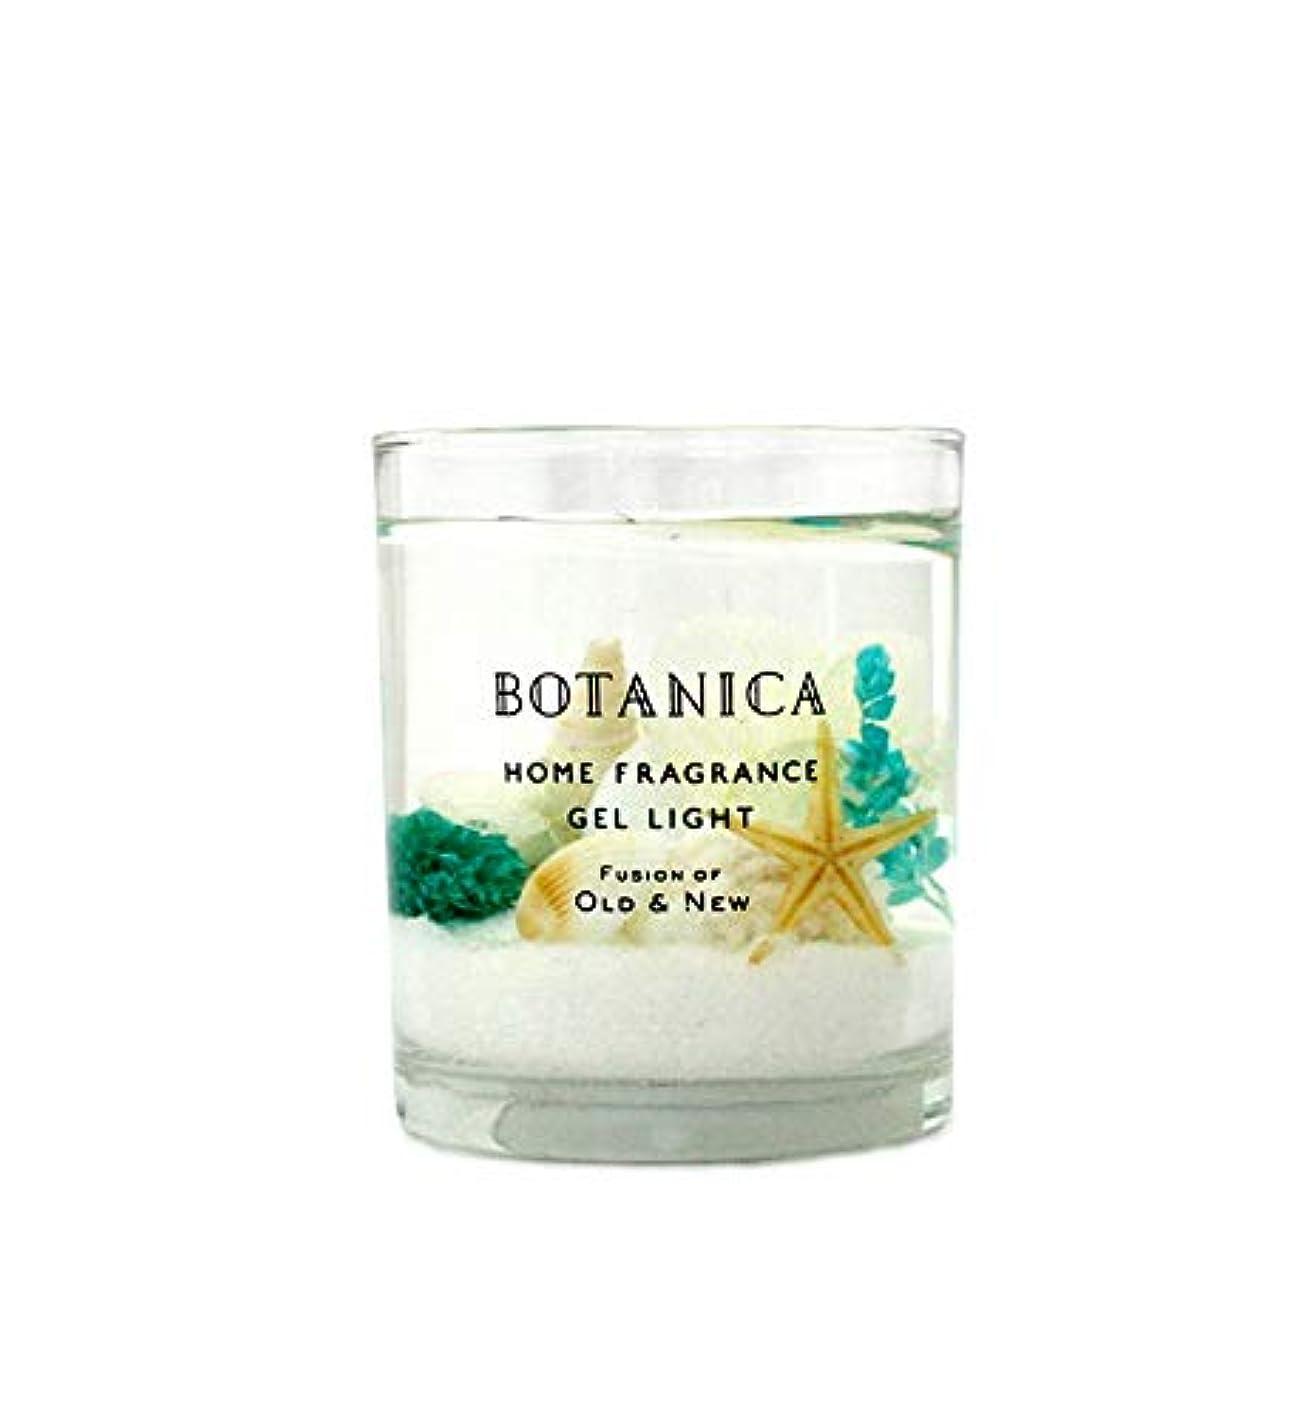 パイロットフェローシップ類人猿BOTANICA(ボタニカ) BOTANICA ハーバリウムジェルライト クラリティーシェル Herbarium Gel Light Clarity Shell ボタニカ H75×Φ60mm/90g